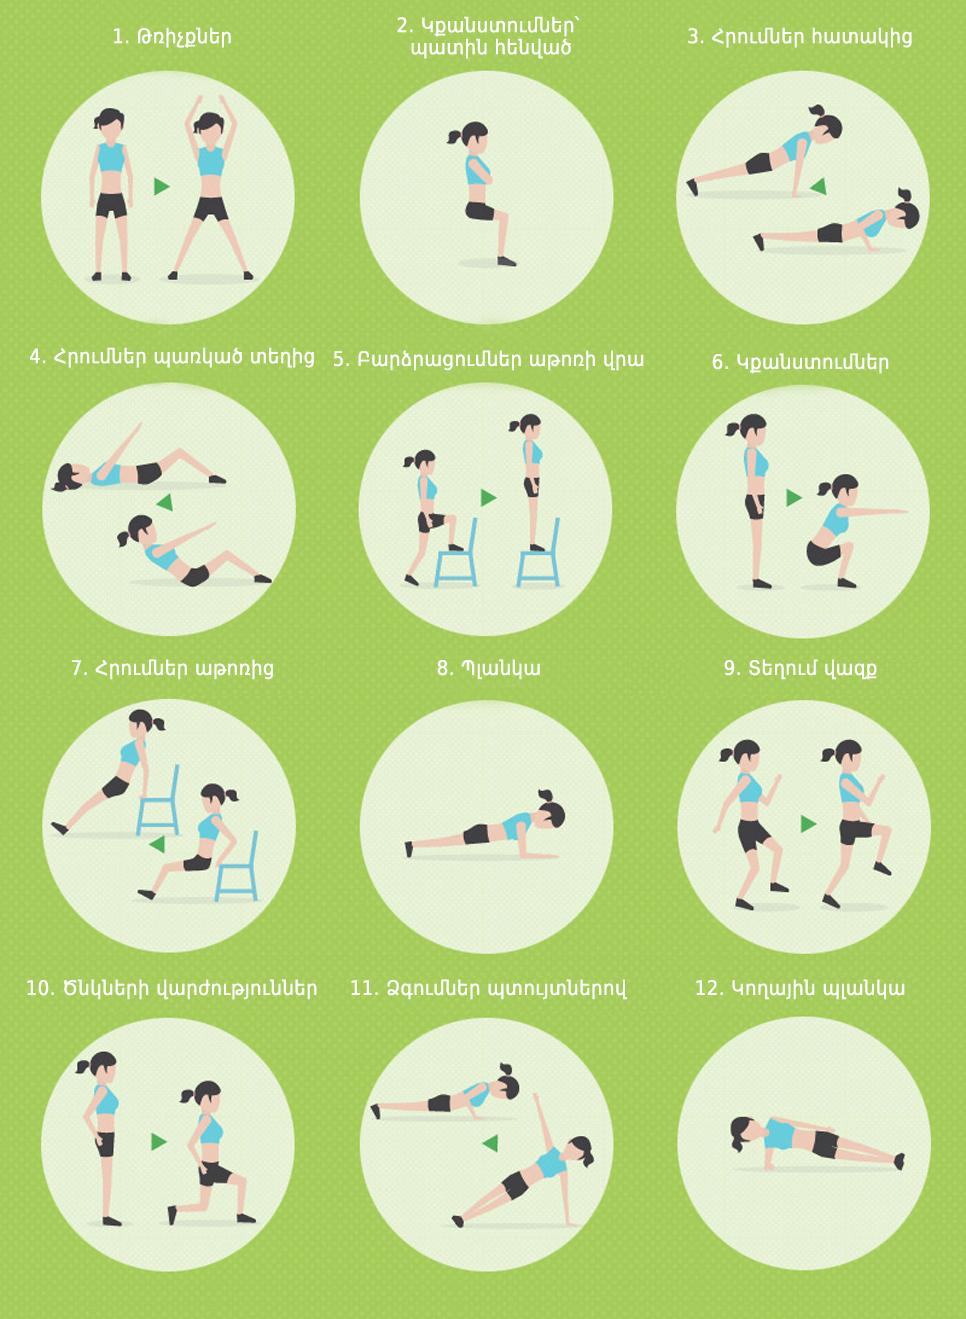 Վարժություններ 7 րոպե